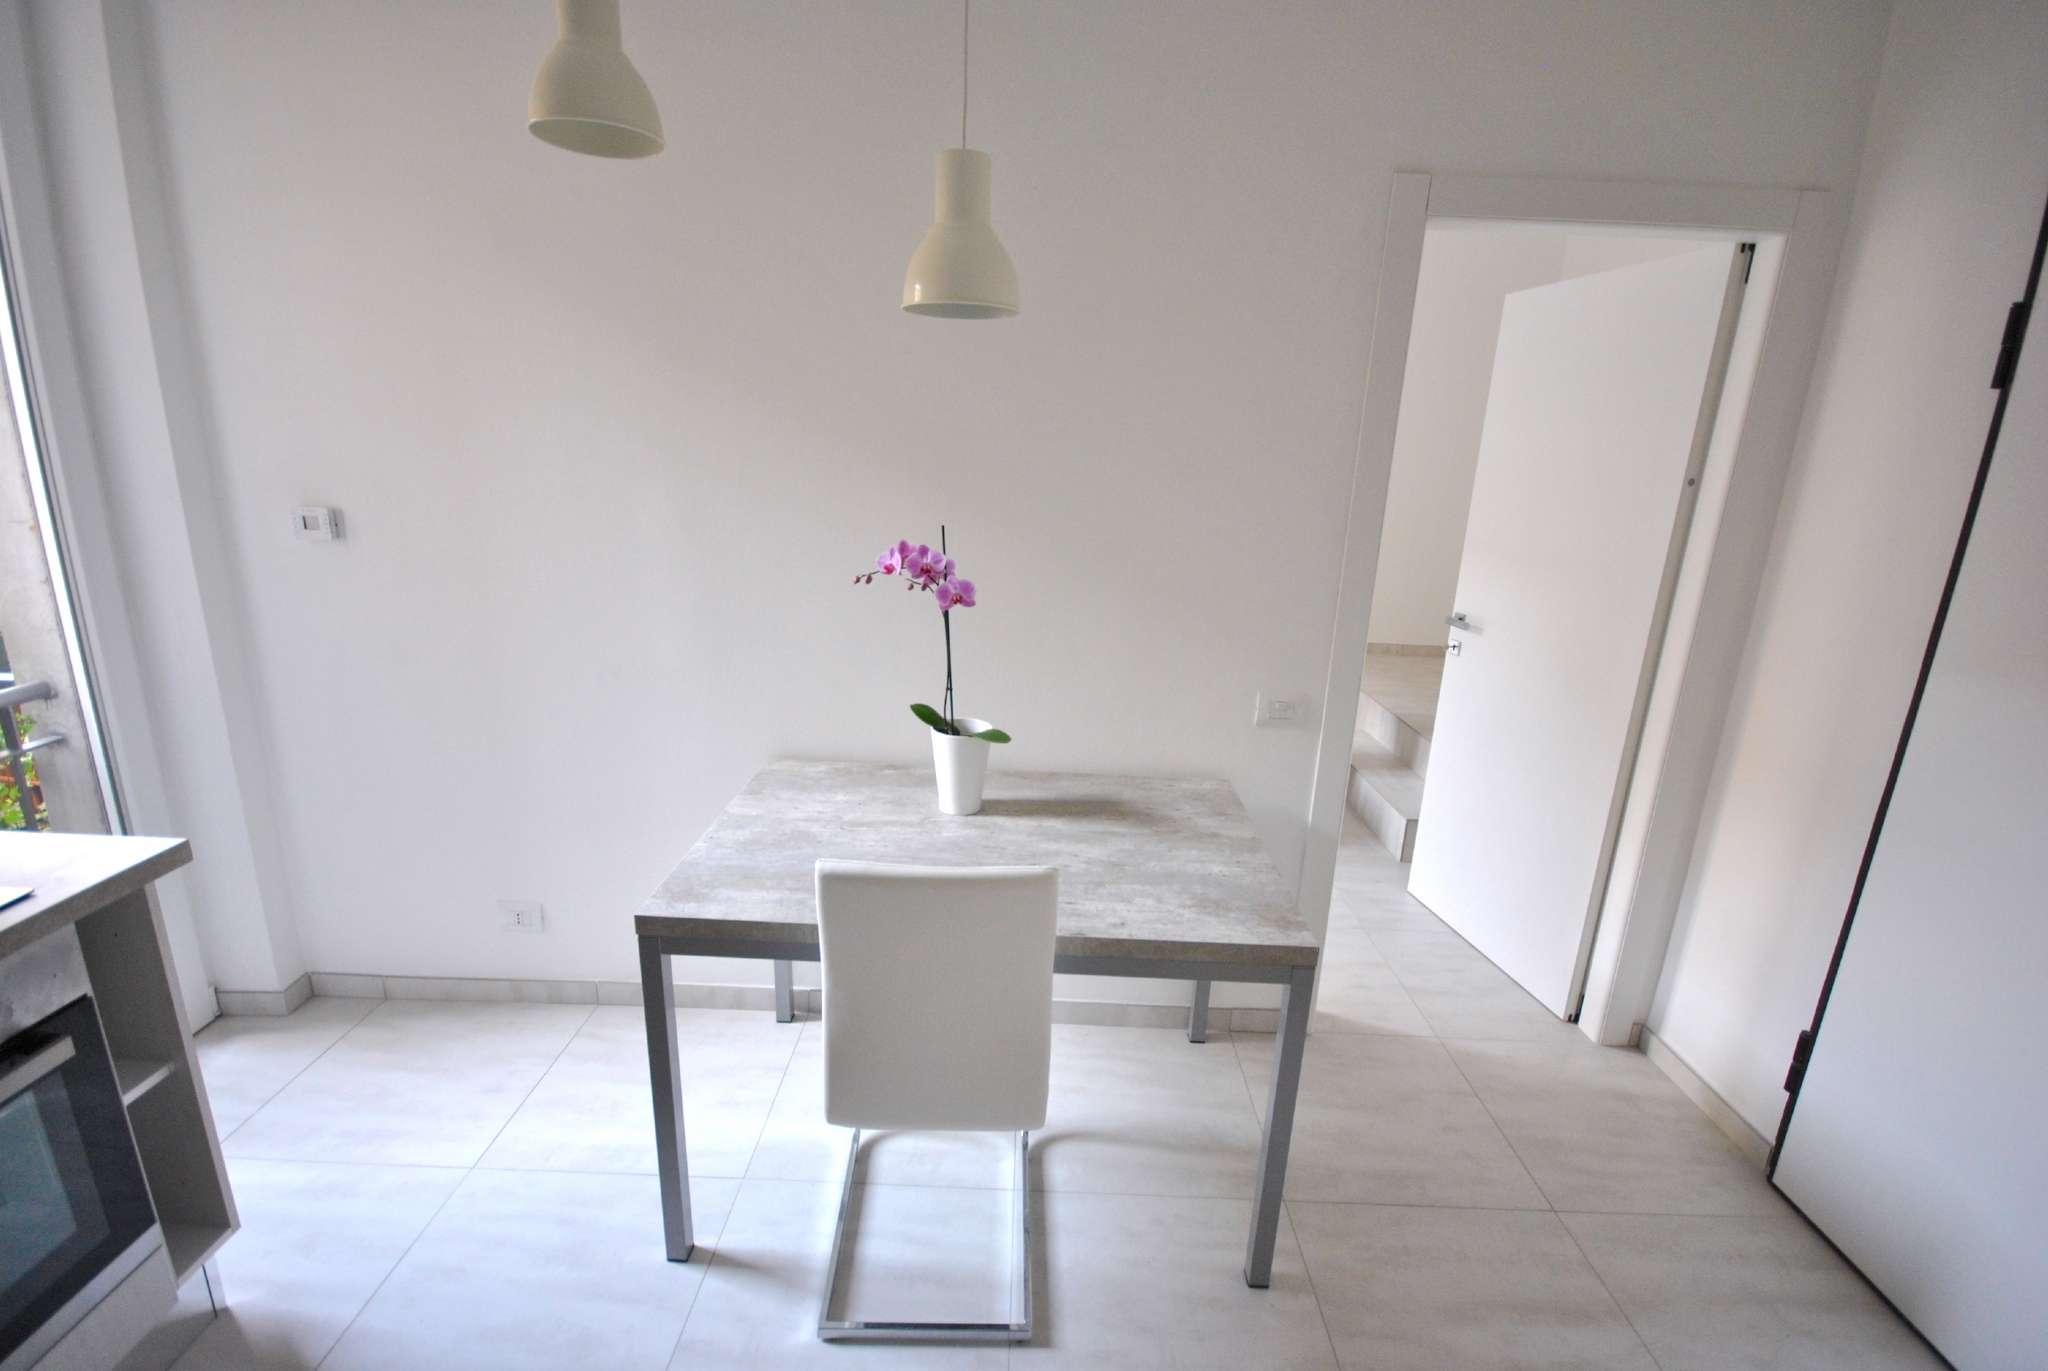 Appartamento in affitto a Milano, 1 locali, zona Zona: 5 . Citta' Studi, Lambrate, Udine, Loreto, Piola, Ortica, prezzo € 850 | CambioCasa.it